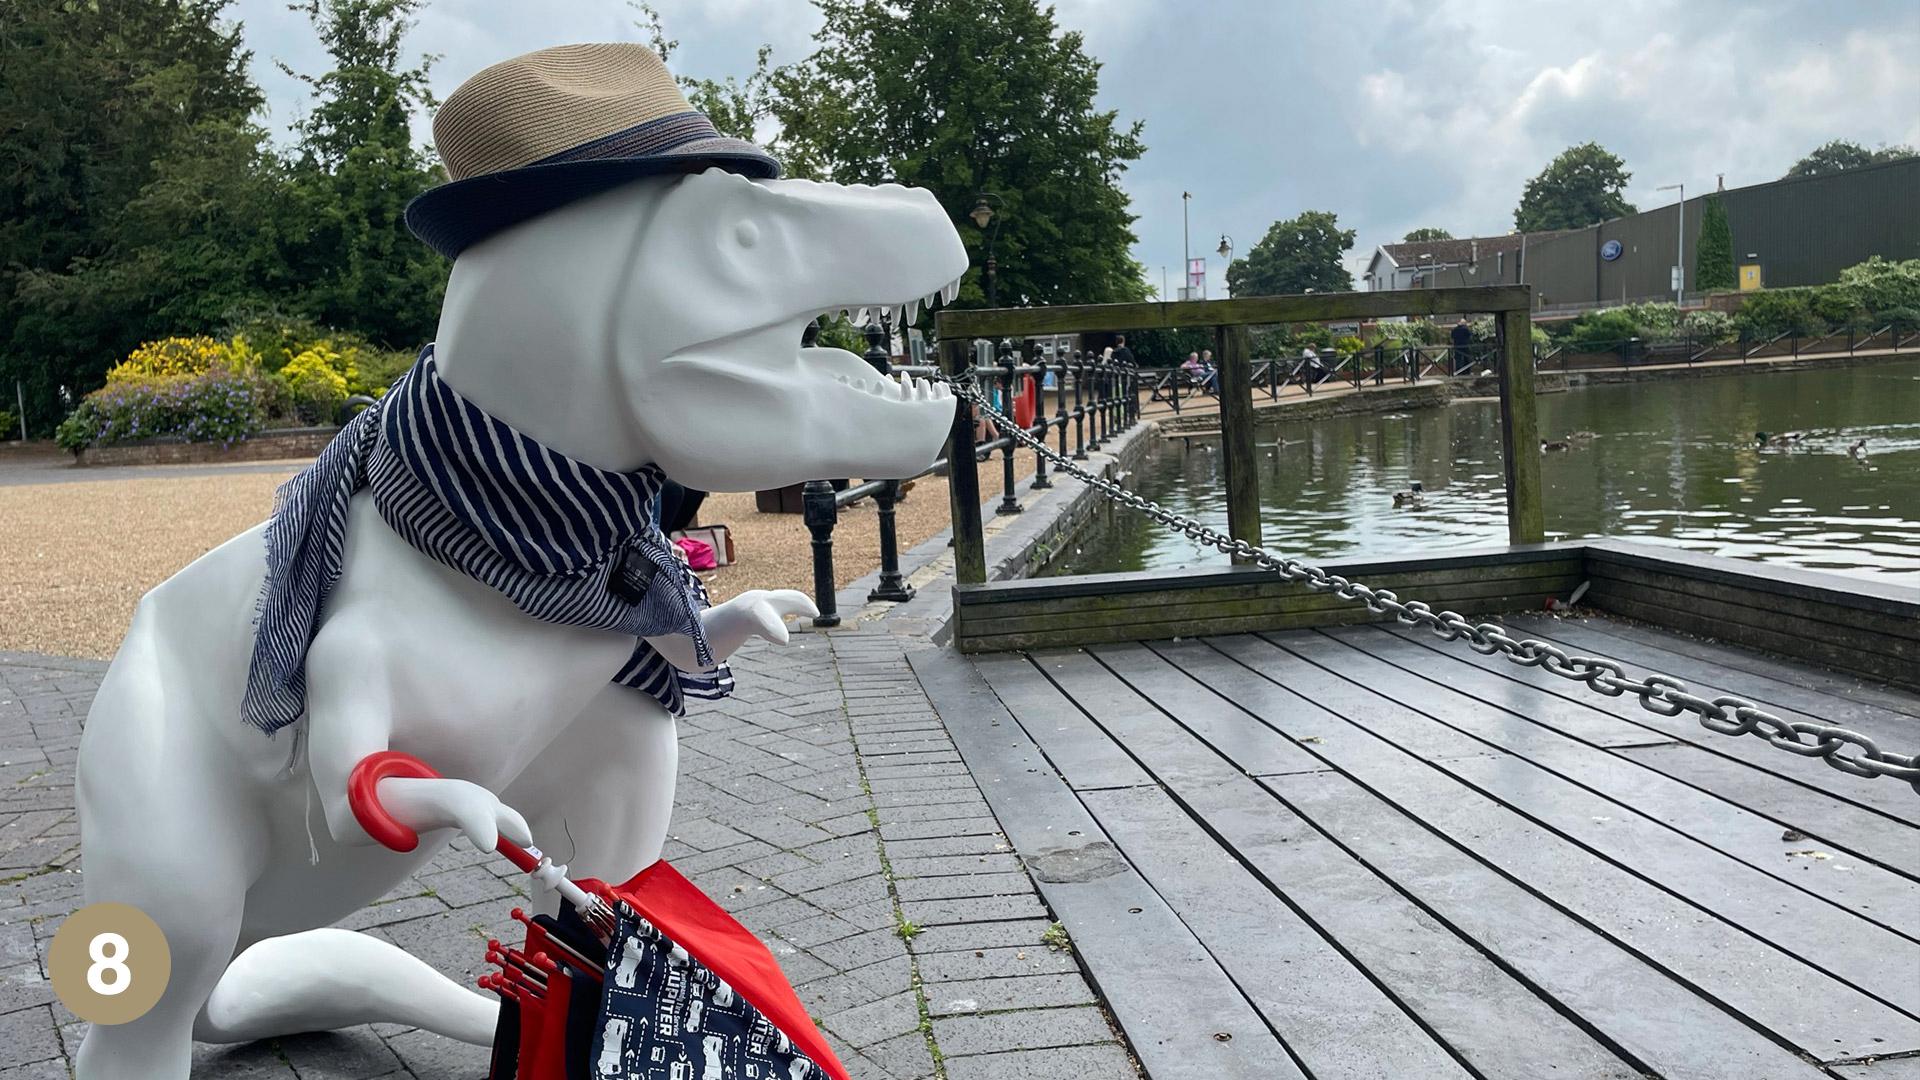 T-rex statue on decking